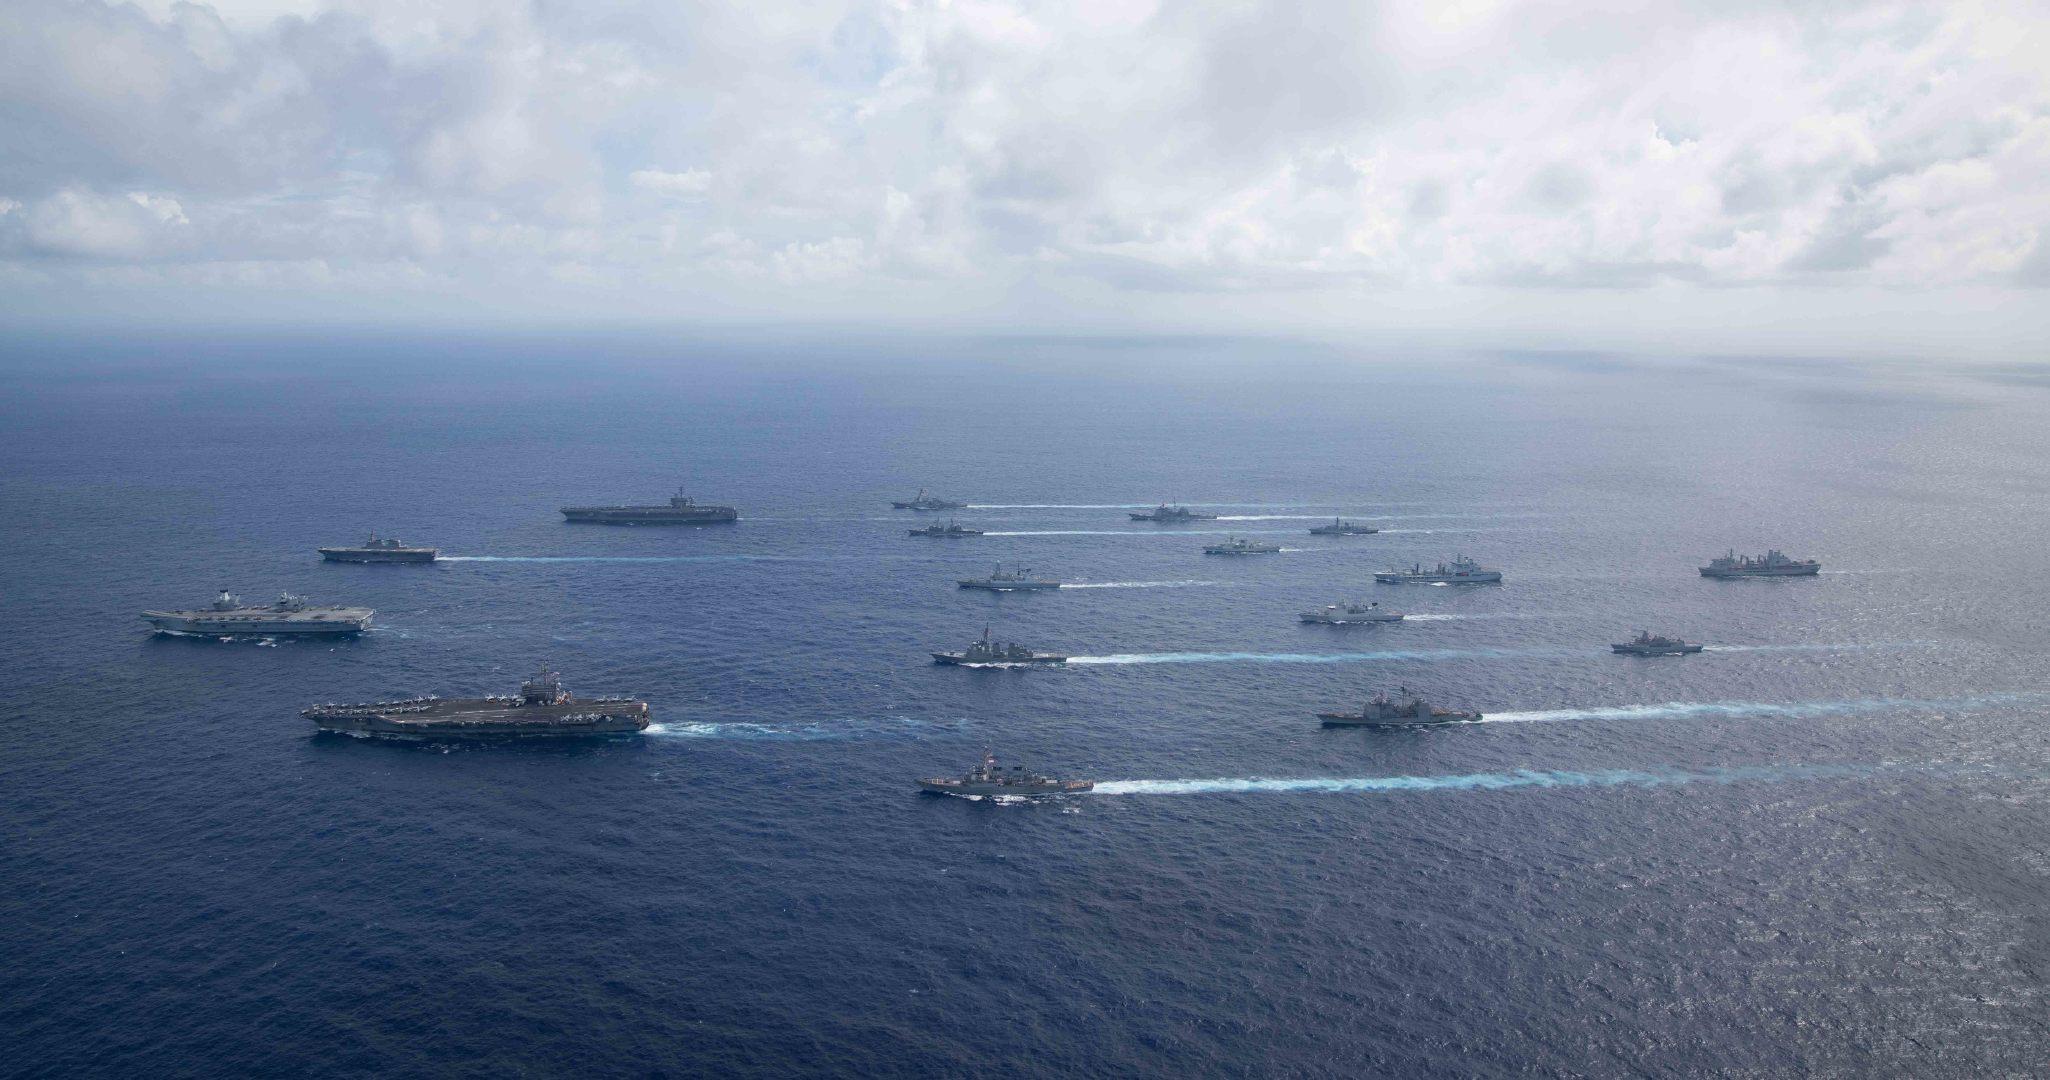 六国西太军演,四艘航母联合叫板,矛头直指中国,解放军严阵以待